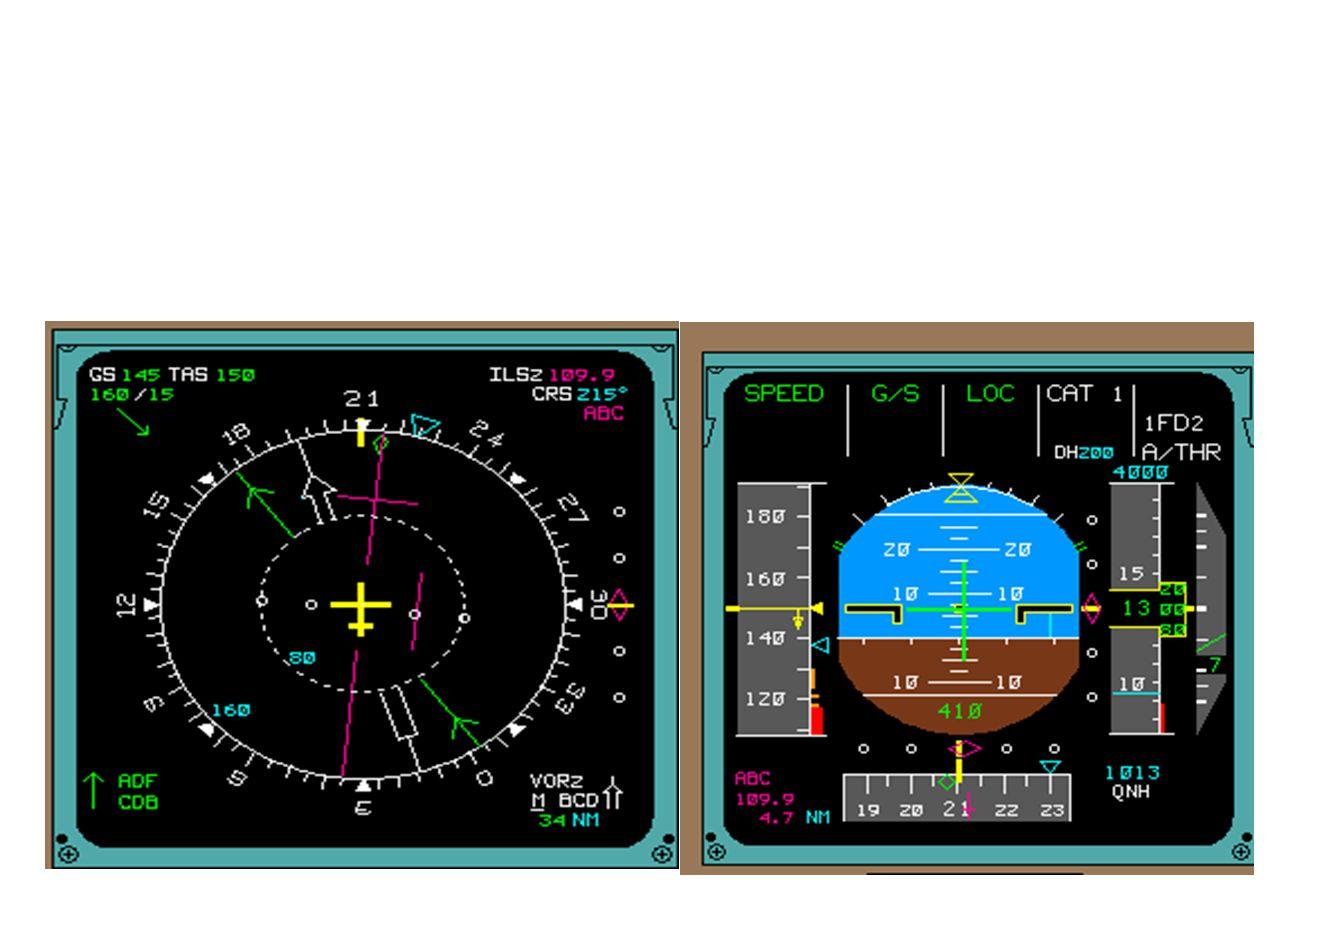 O sistema completo é constituído por: Um transmissor localizador da pista (LOCALIZER), Um transmissor de ângulo de descida (GLIDE SLOPE Feixes balizadores (MARKER BEACONS) para detecção de posição.